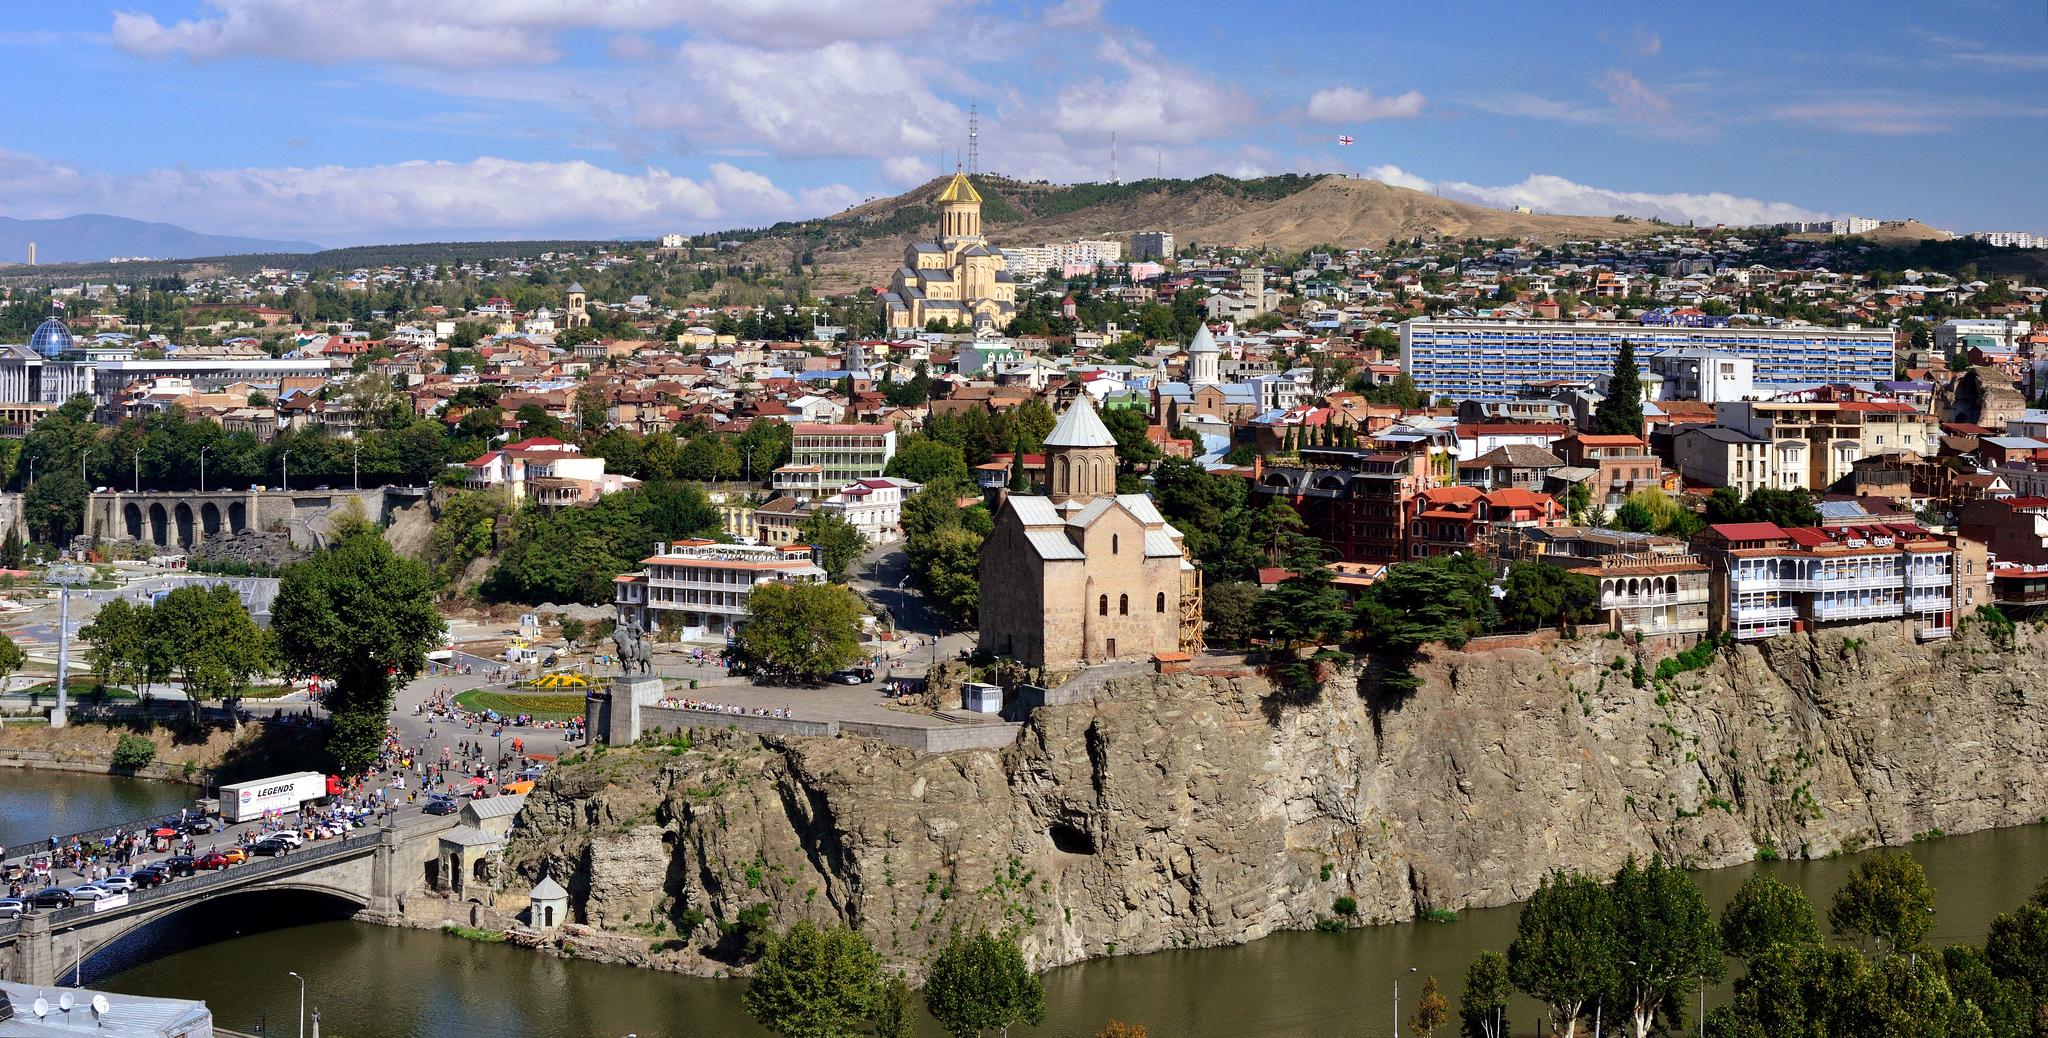 Тбилиси старый и красивый город со множеством достопримечательностей как прошлых веков, так и нового